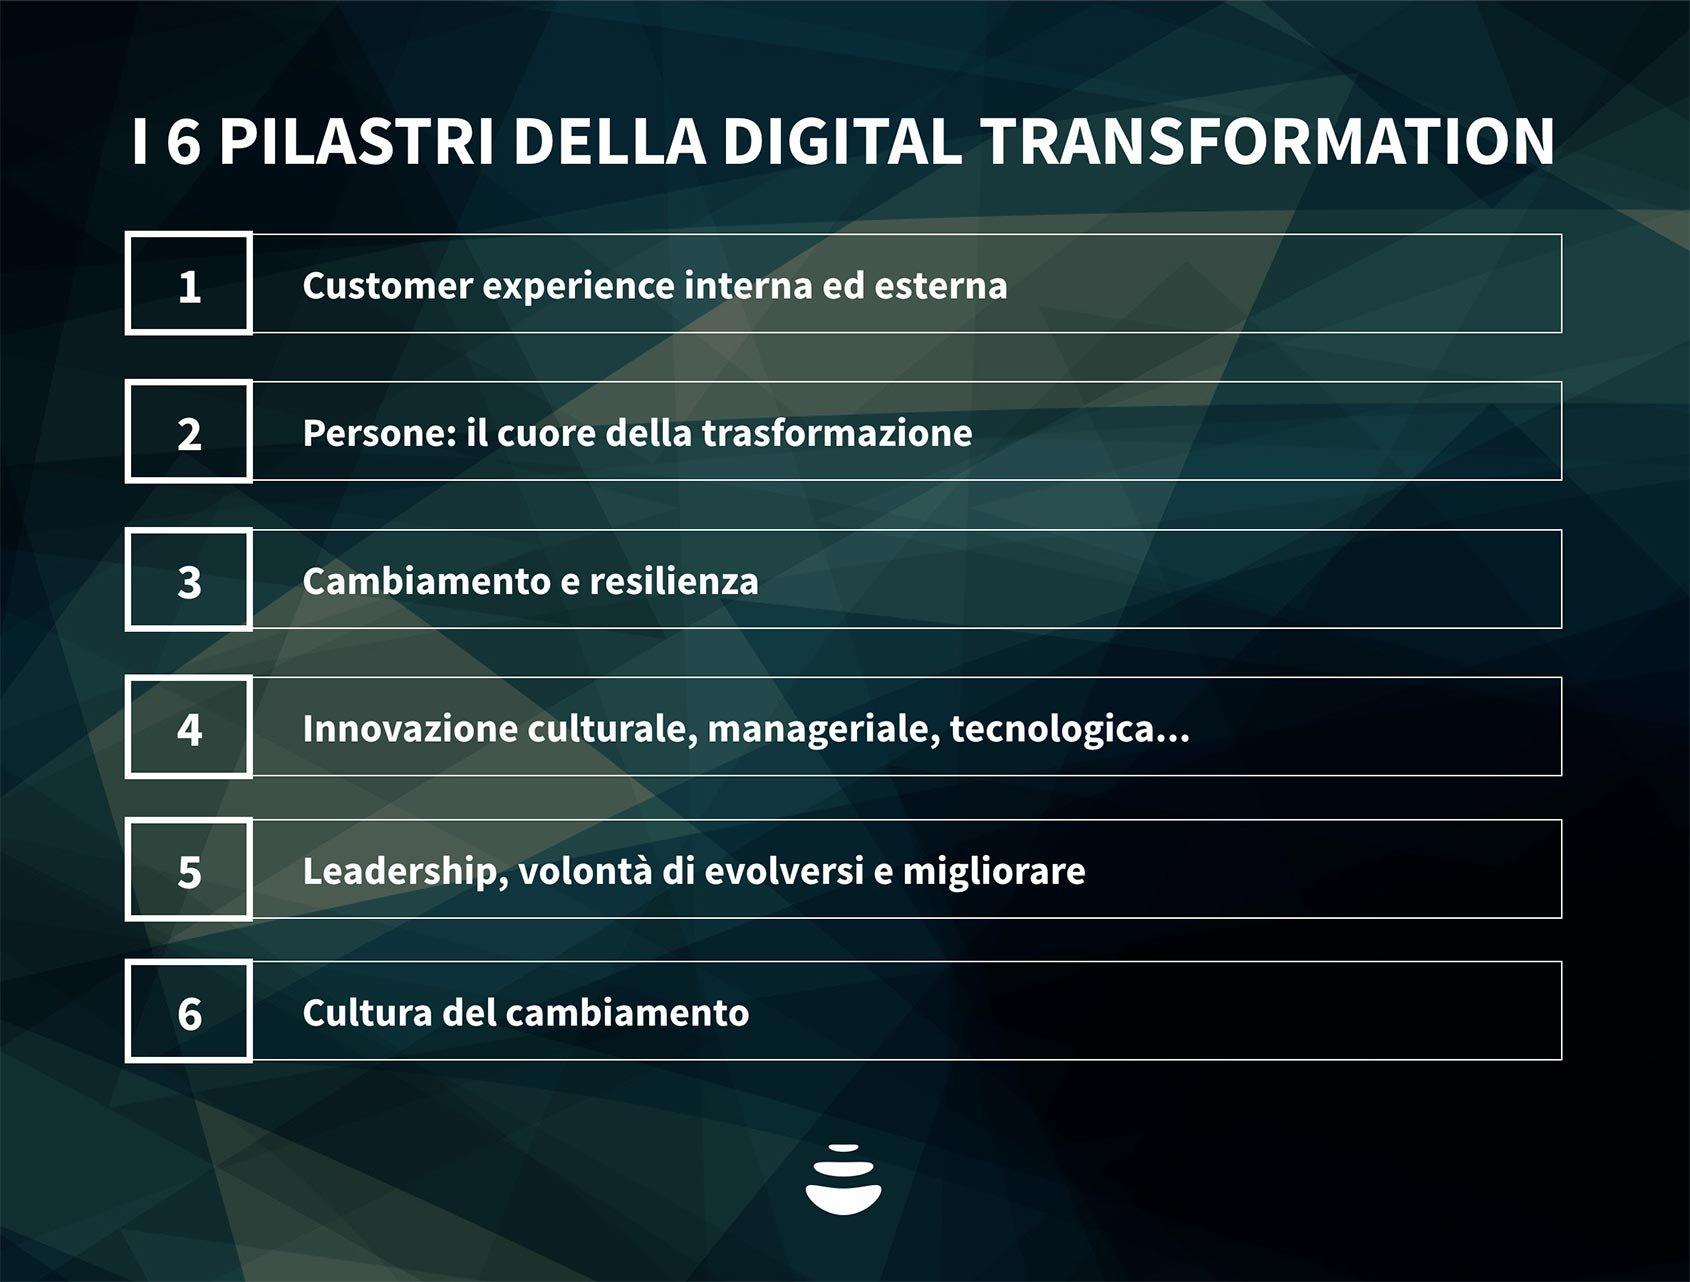 Oltre la tecnologia: comprendere i 6 pilastri della digital transformation